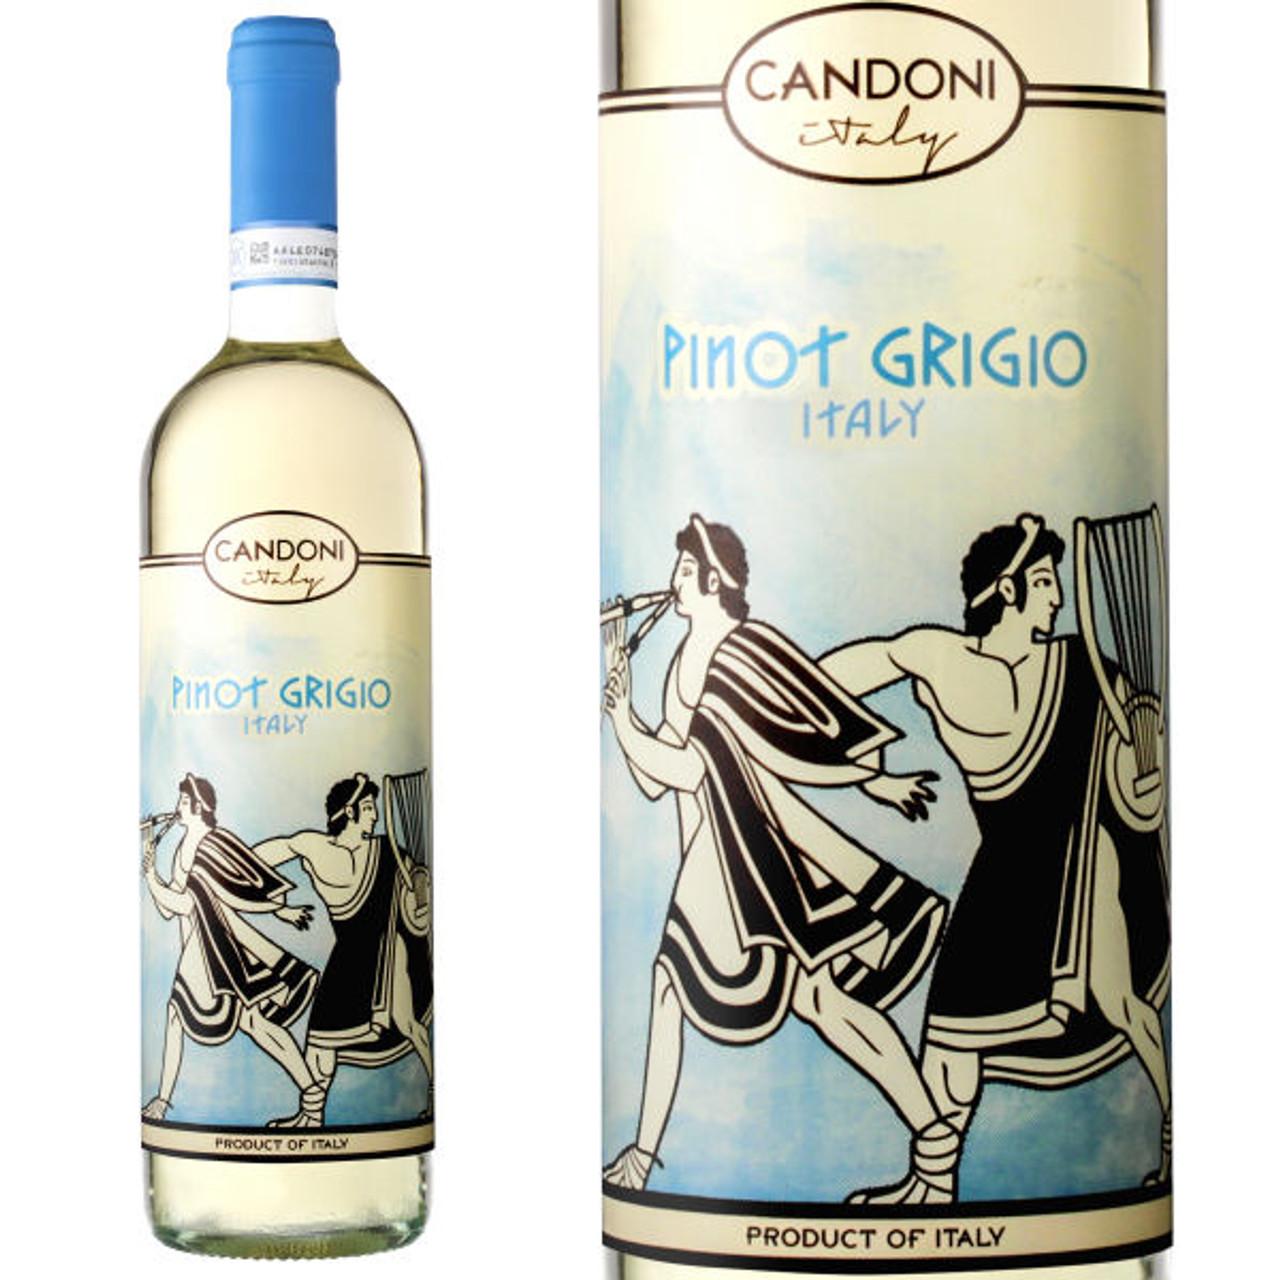 Candoni Pinot Grigio delle Venezie DOC